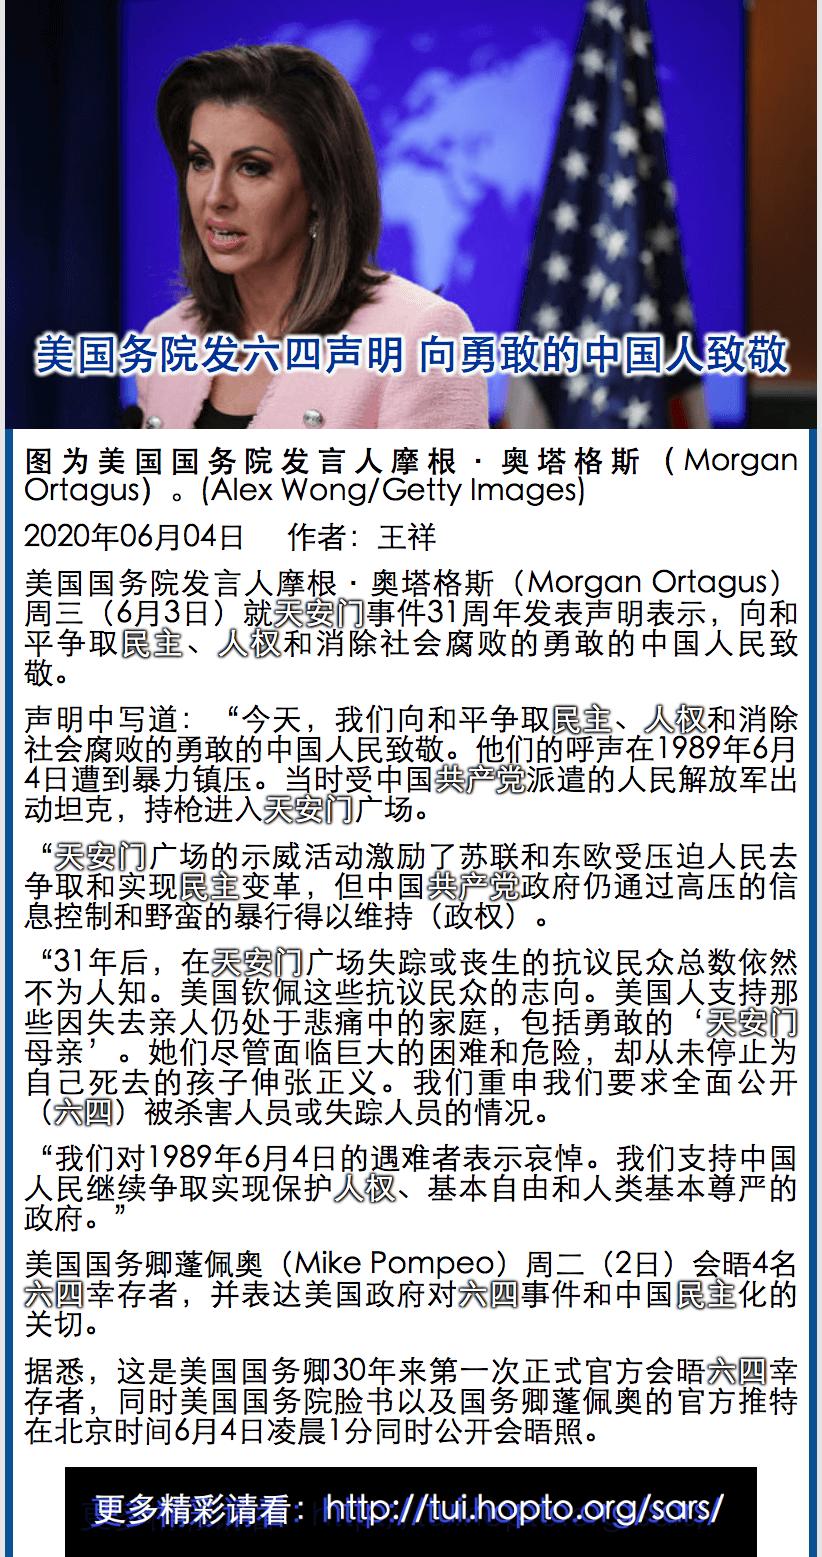 美国务院发六四声明 向勇敢的中国人致